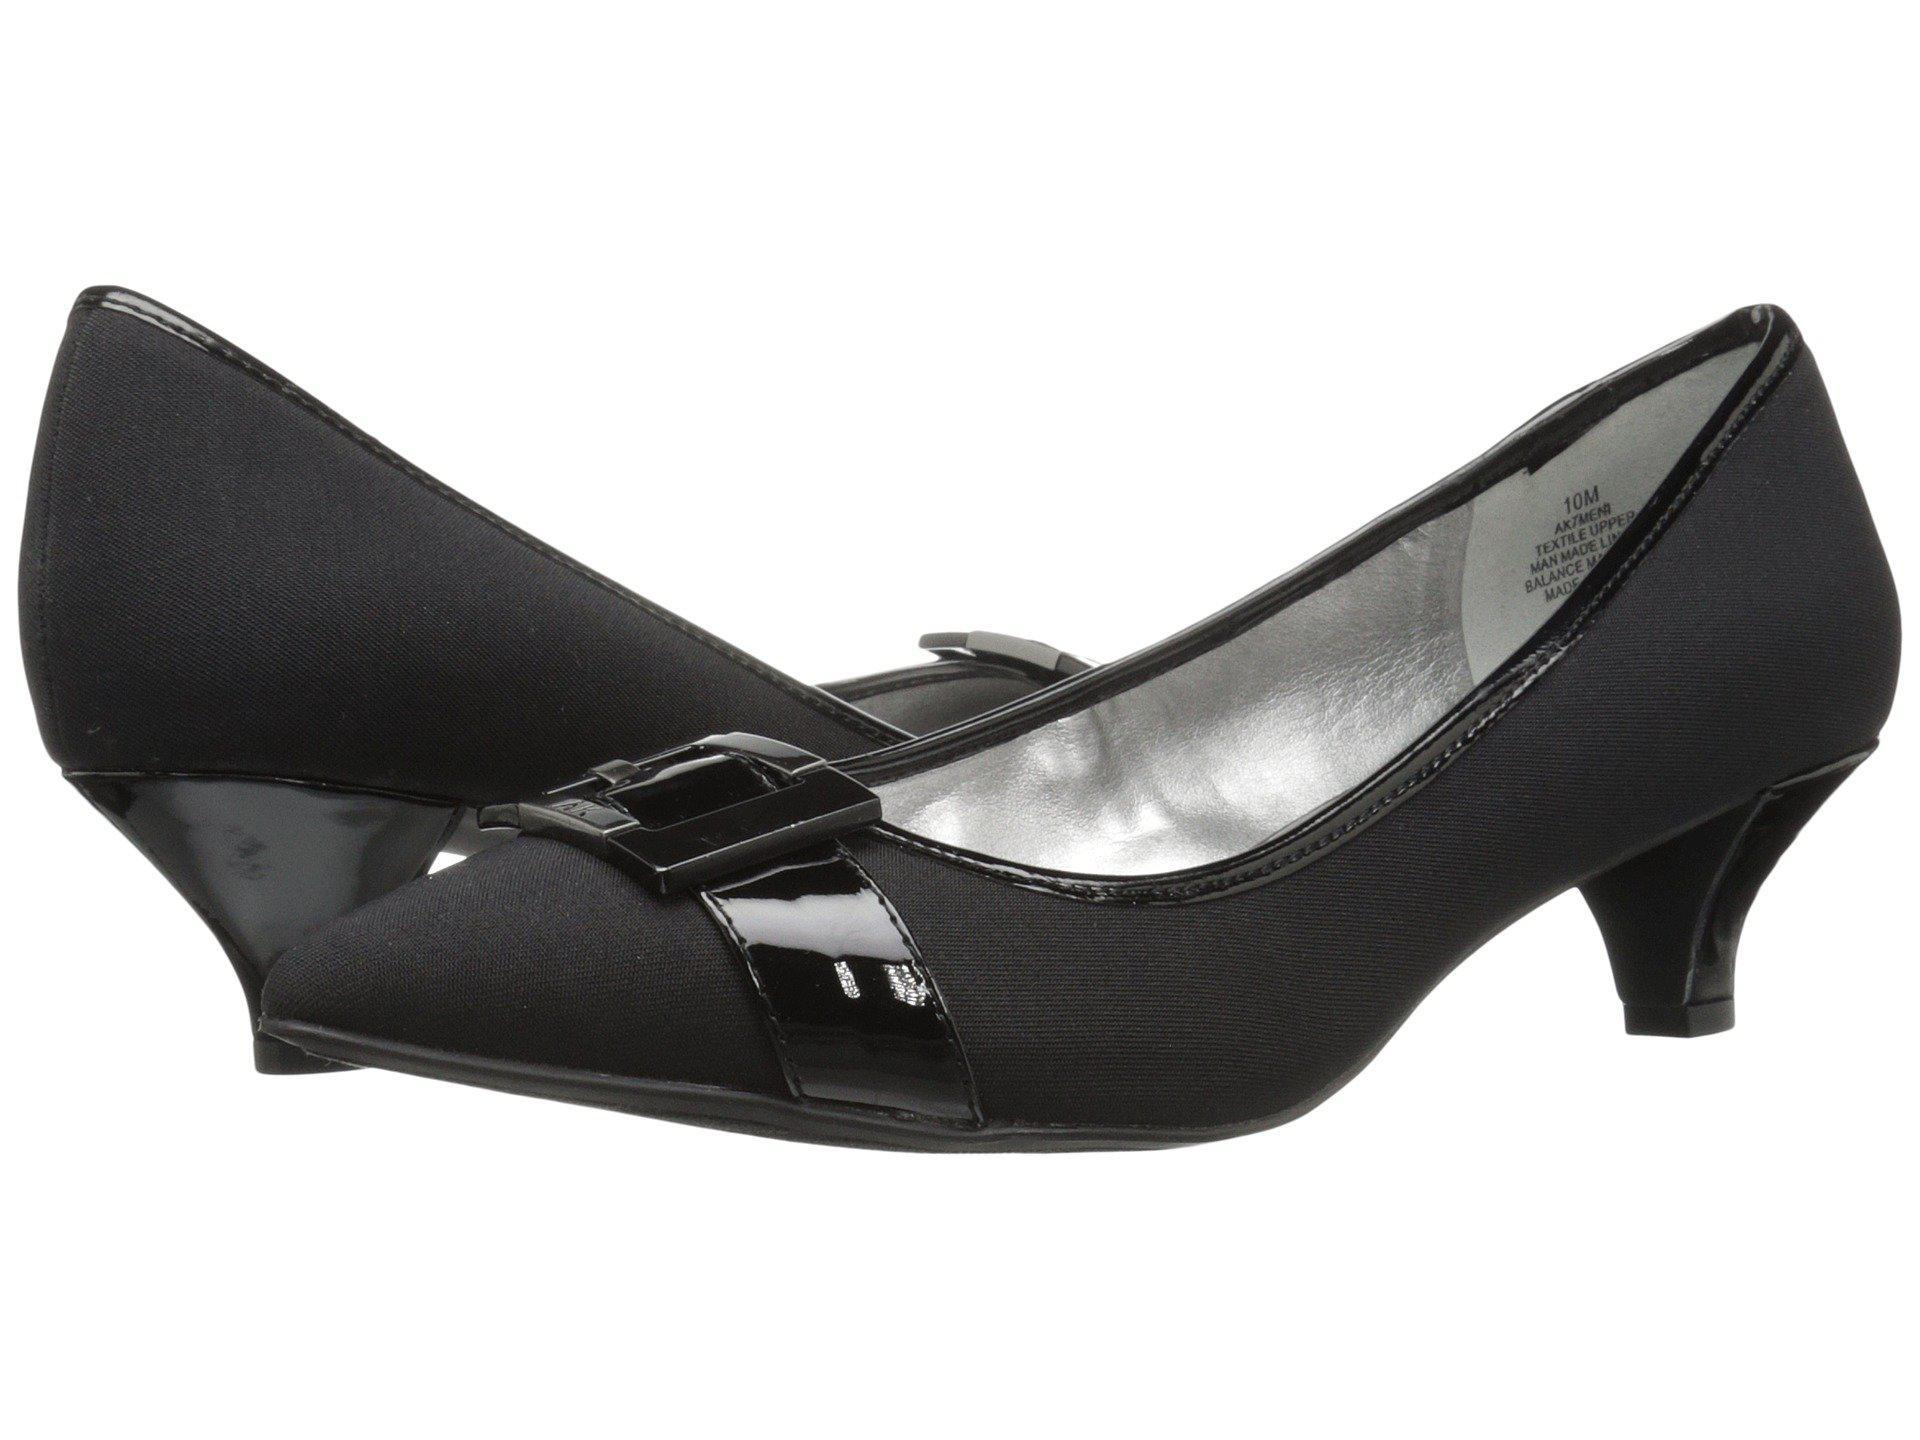 Womens Shoes Anne Klein AK7Meni Black/Black Fabric